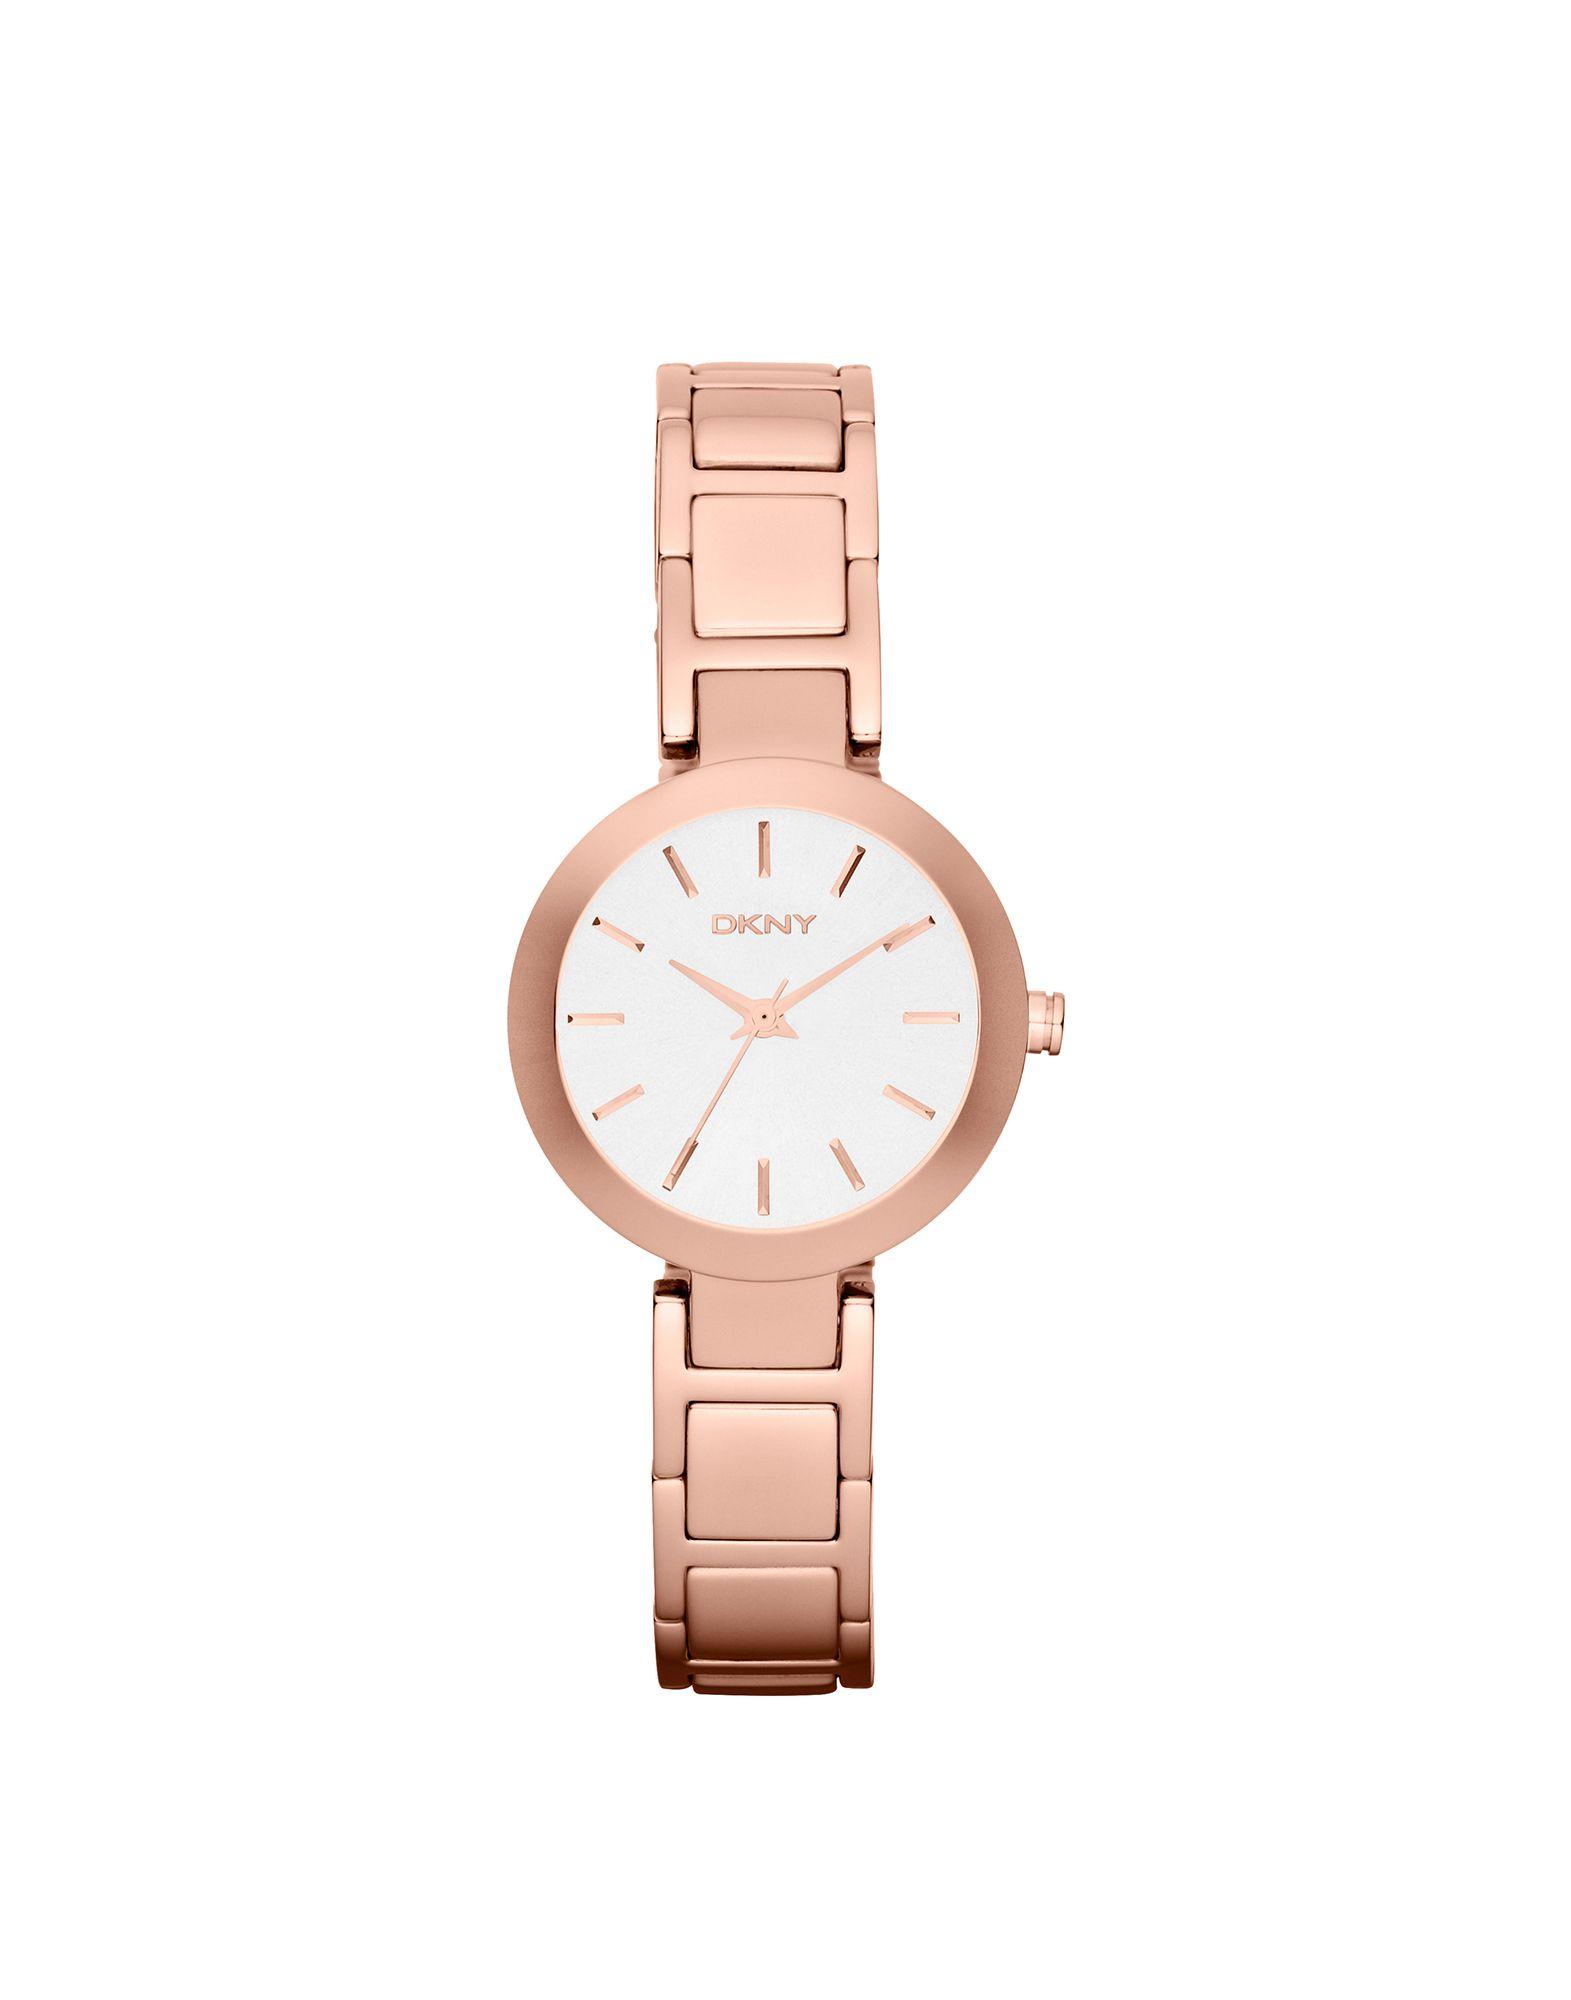 レディース DKNY STANHOPE 腕時計 カッパー